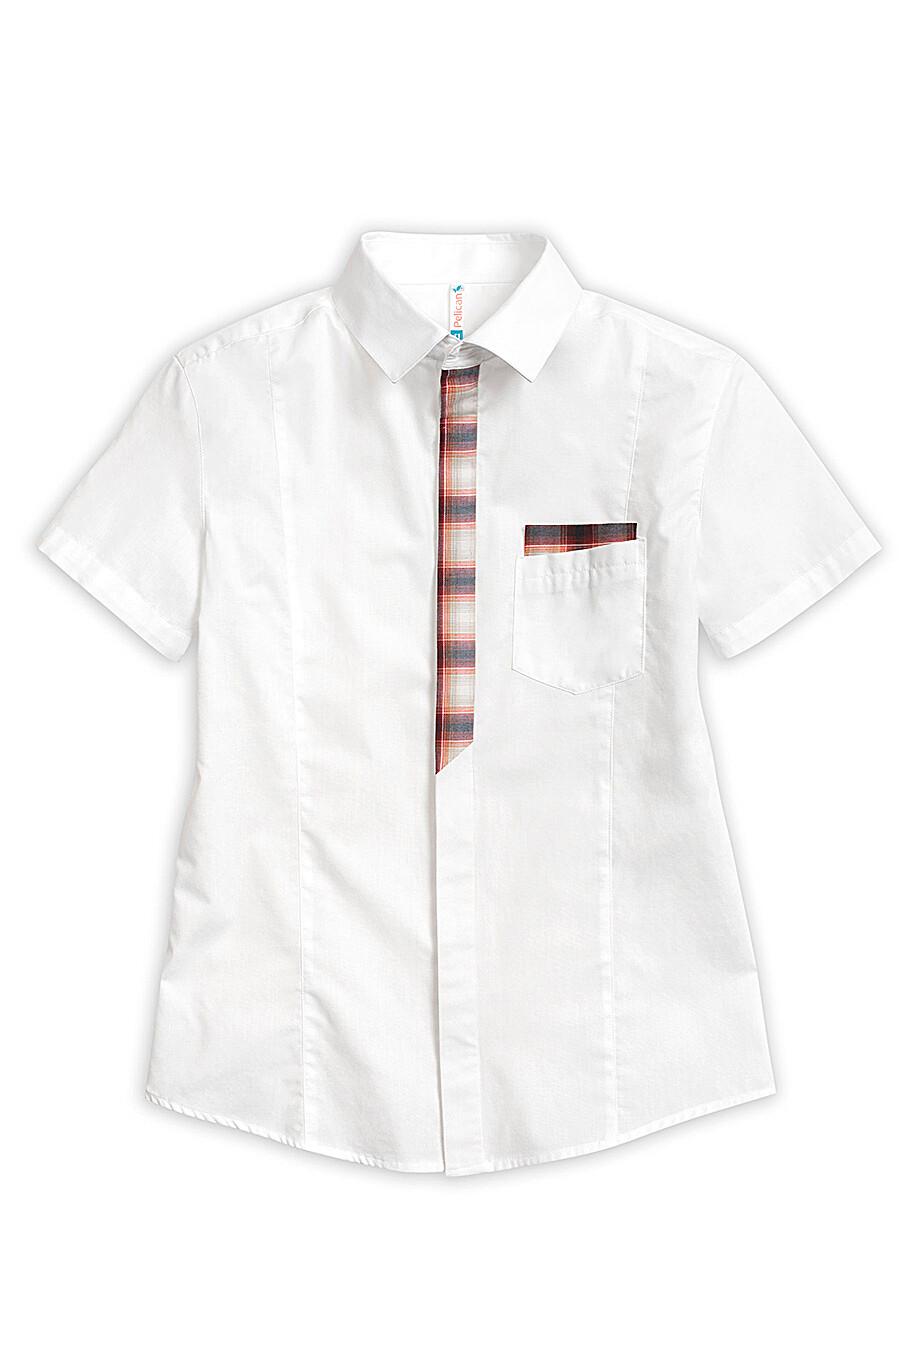 Сорочка для мальчиков PELICAN 218529 купить оптом от производителя. Совместная покупка детской одежды в OptMoyo